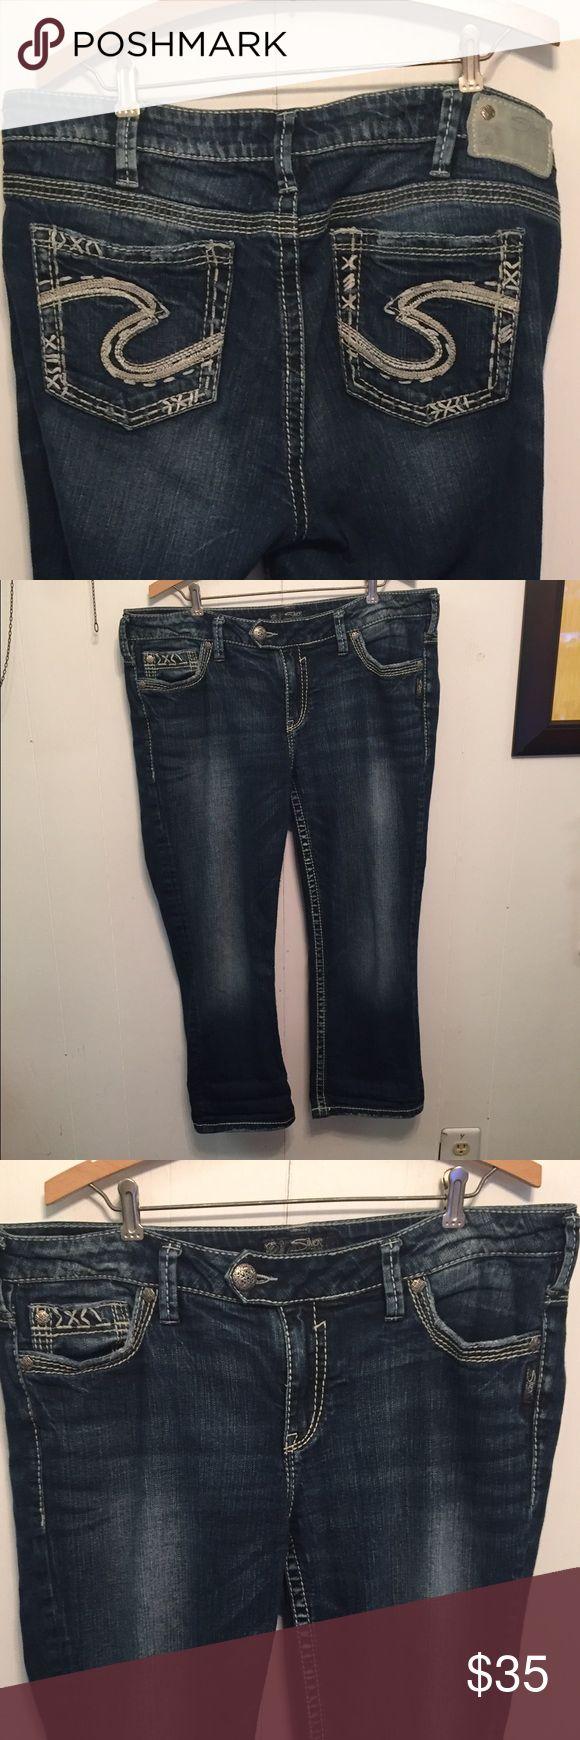 1000  ideas about Women's Cropped Jeans on Pinterest | Women's ...